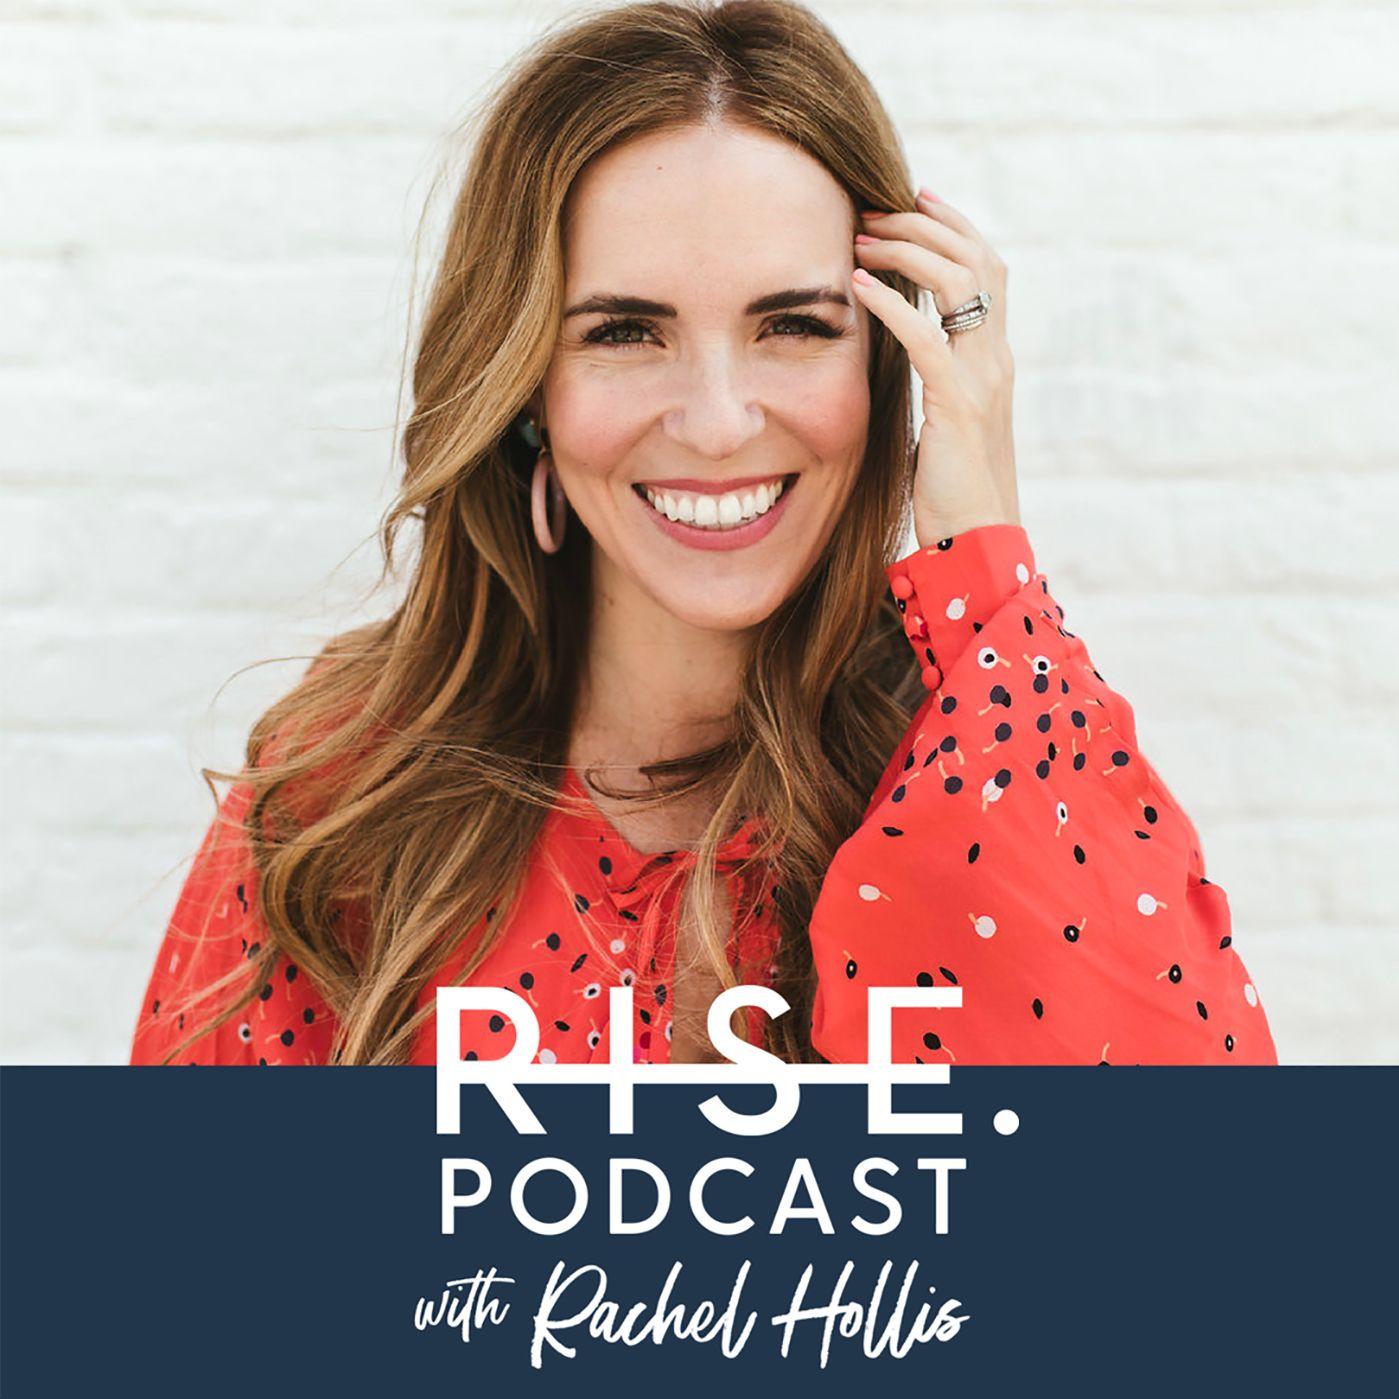 63: Last 90 Days - Change Your Habits